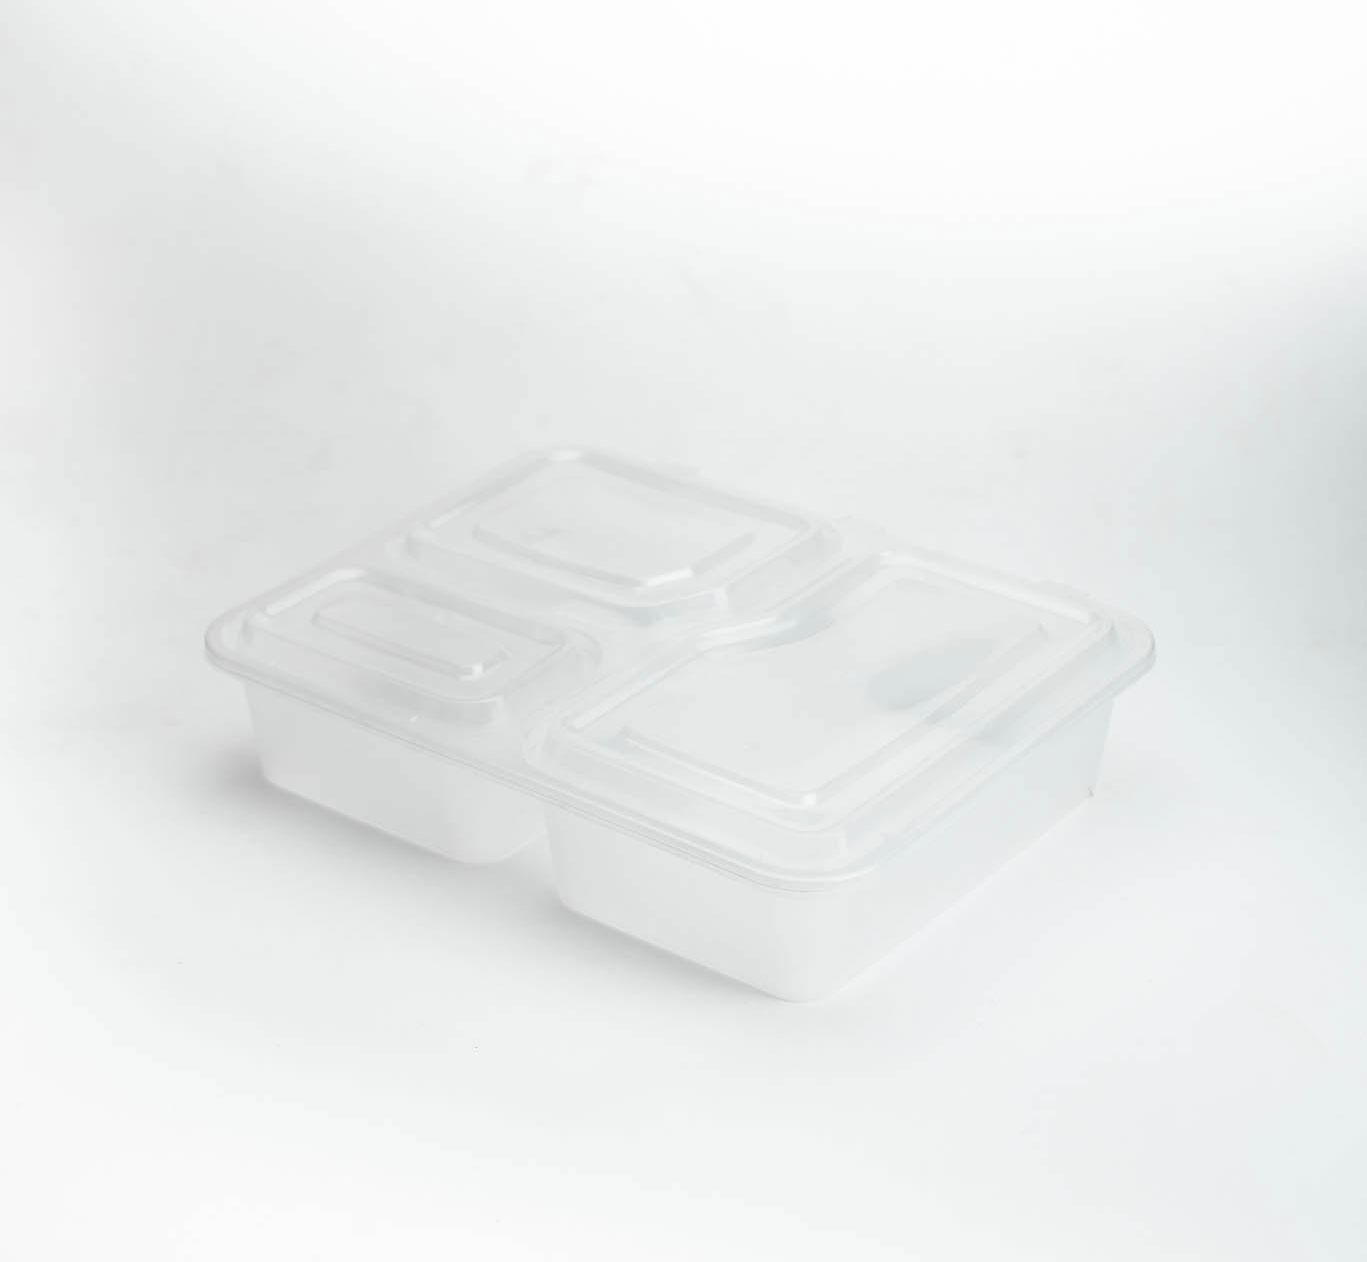 กล่องอาหารพลาสติกใส 3 ช่อง 1000ml (ฝาพับแบบ2)